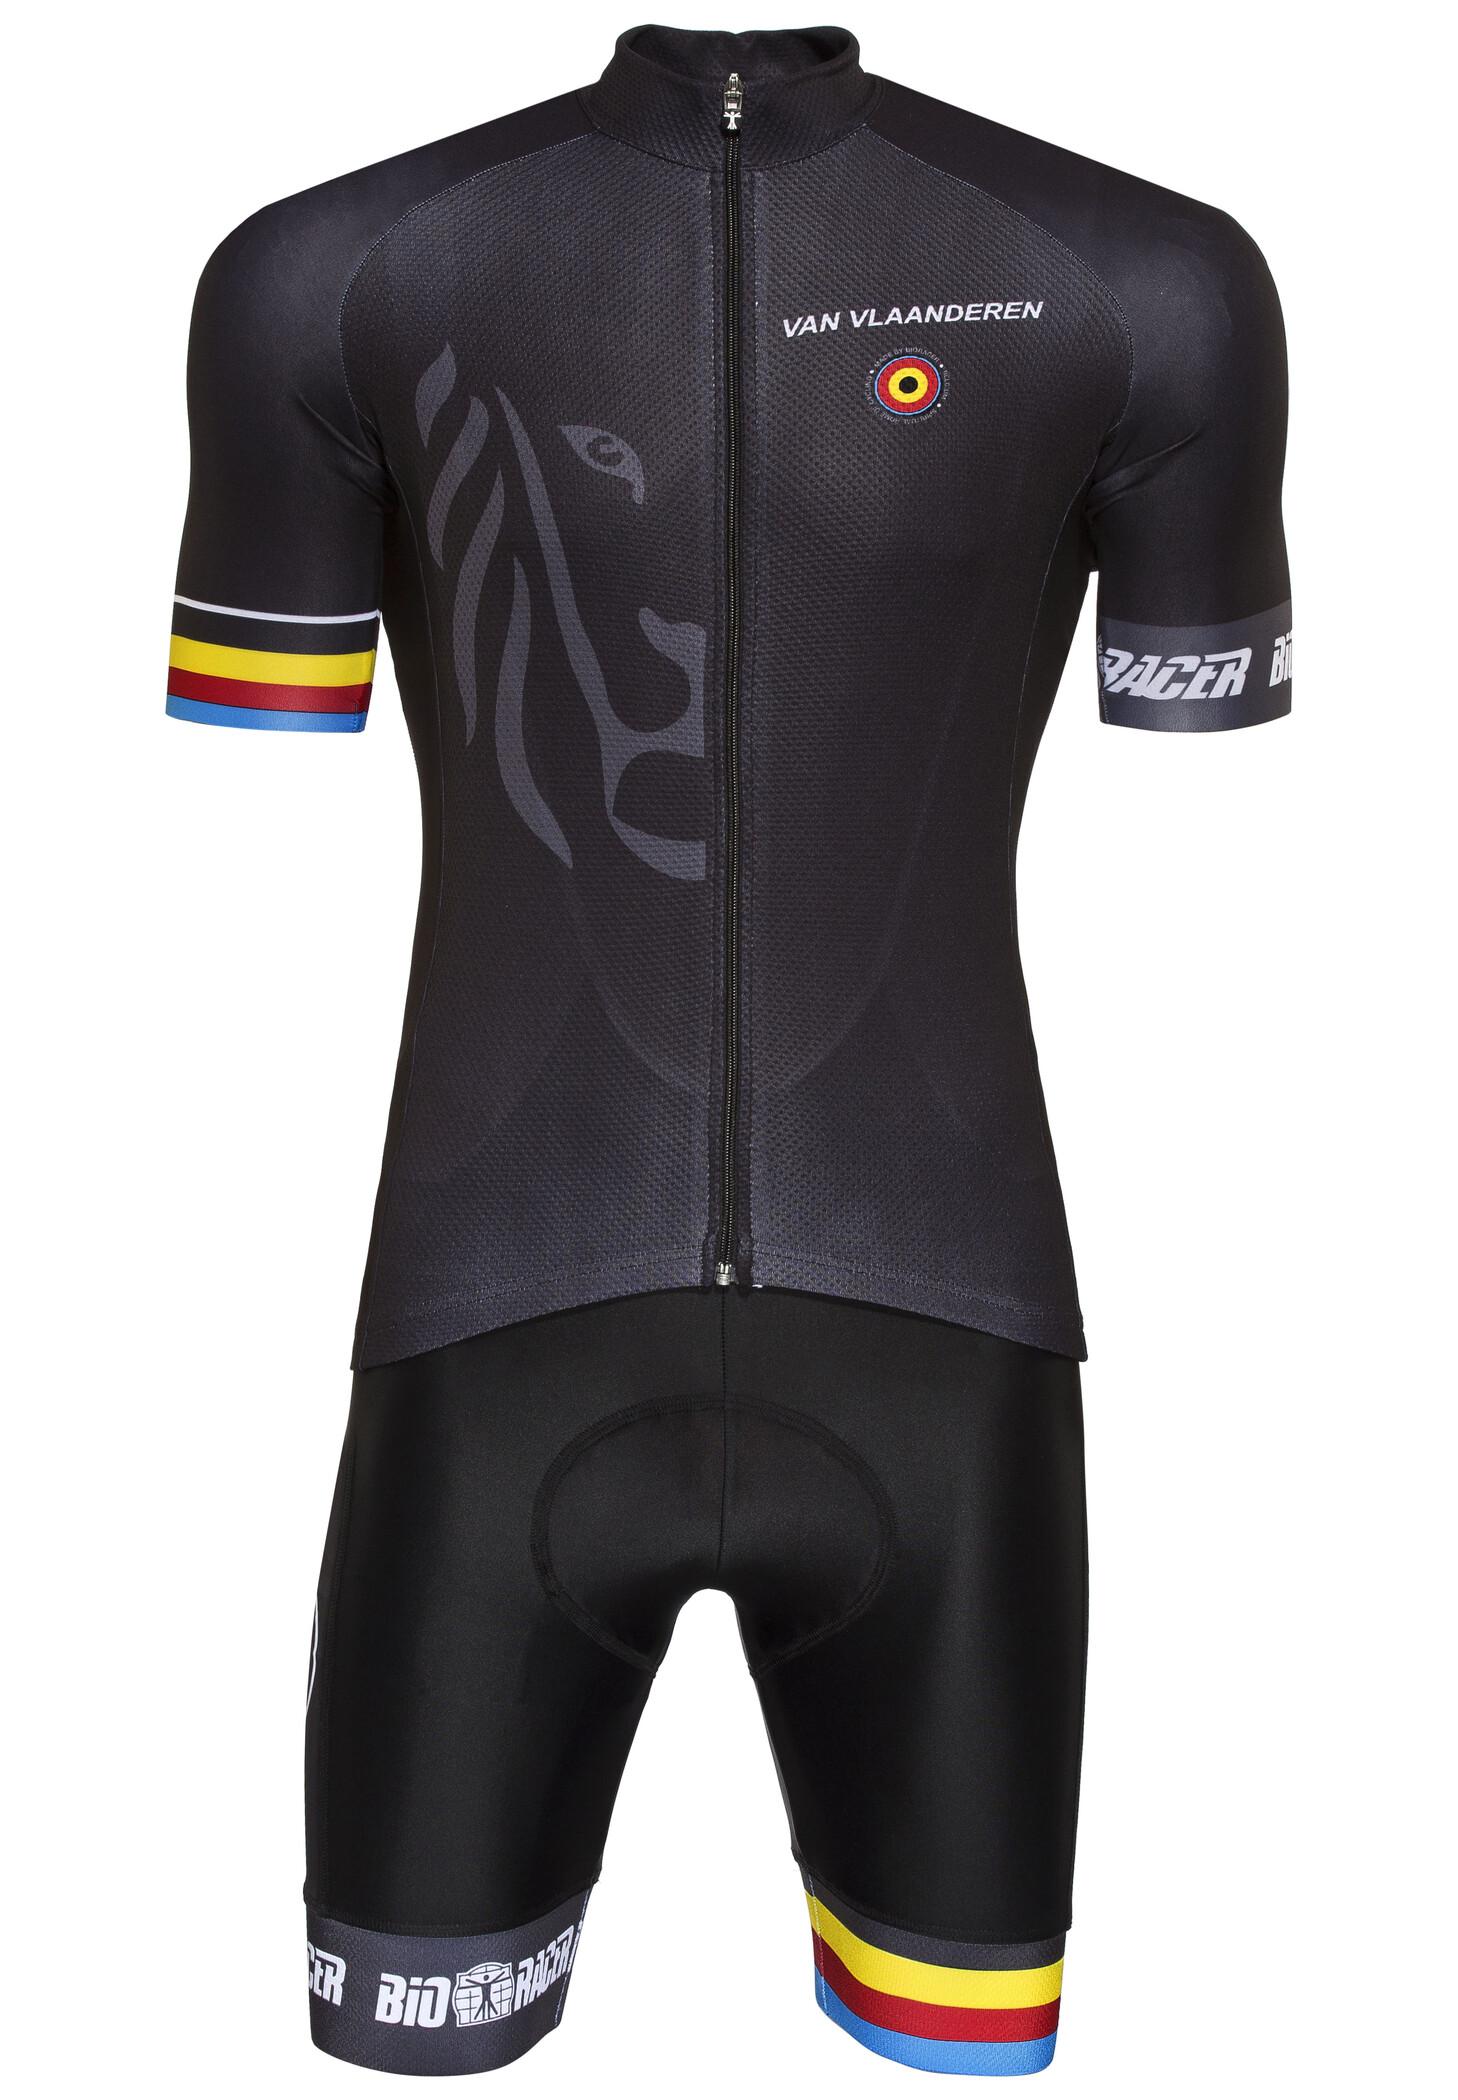 Bioracer Van Vlaanderen Pro Race Cykeltøj Herrer, black (2019) | Jerseys